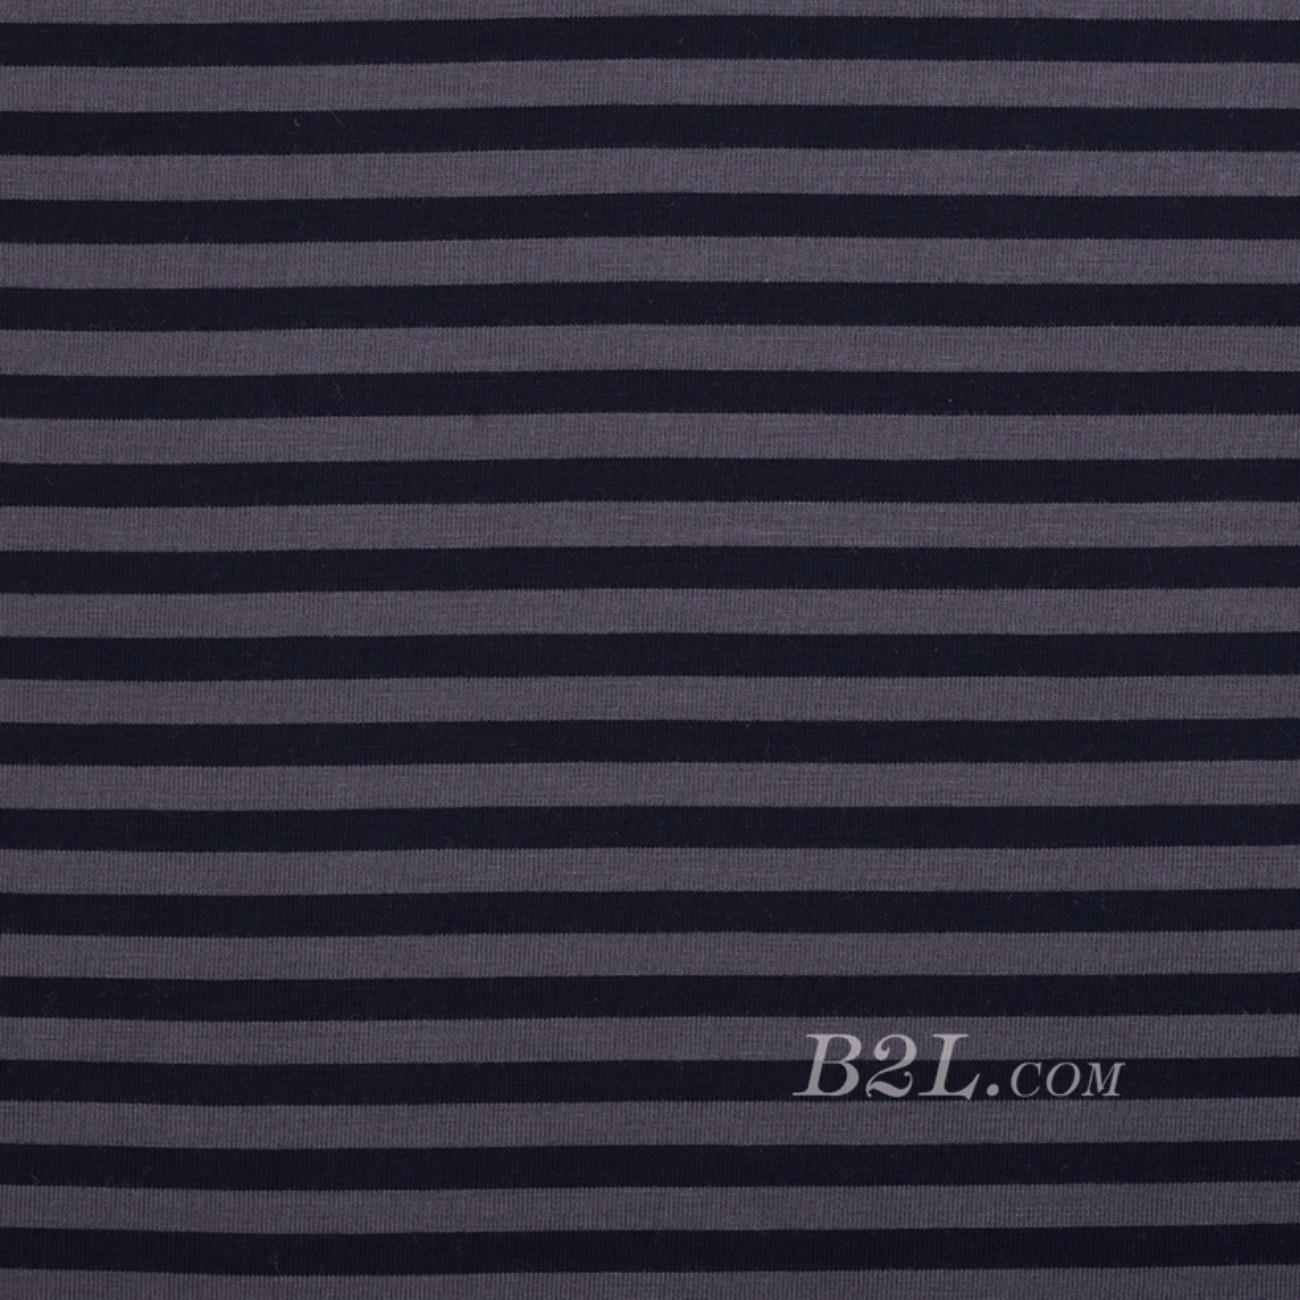 印花 针织 染色 条子 细腻 薄 家居 睡衣 春夏秋 男装 女装 80312-3